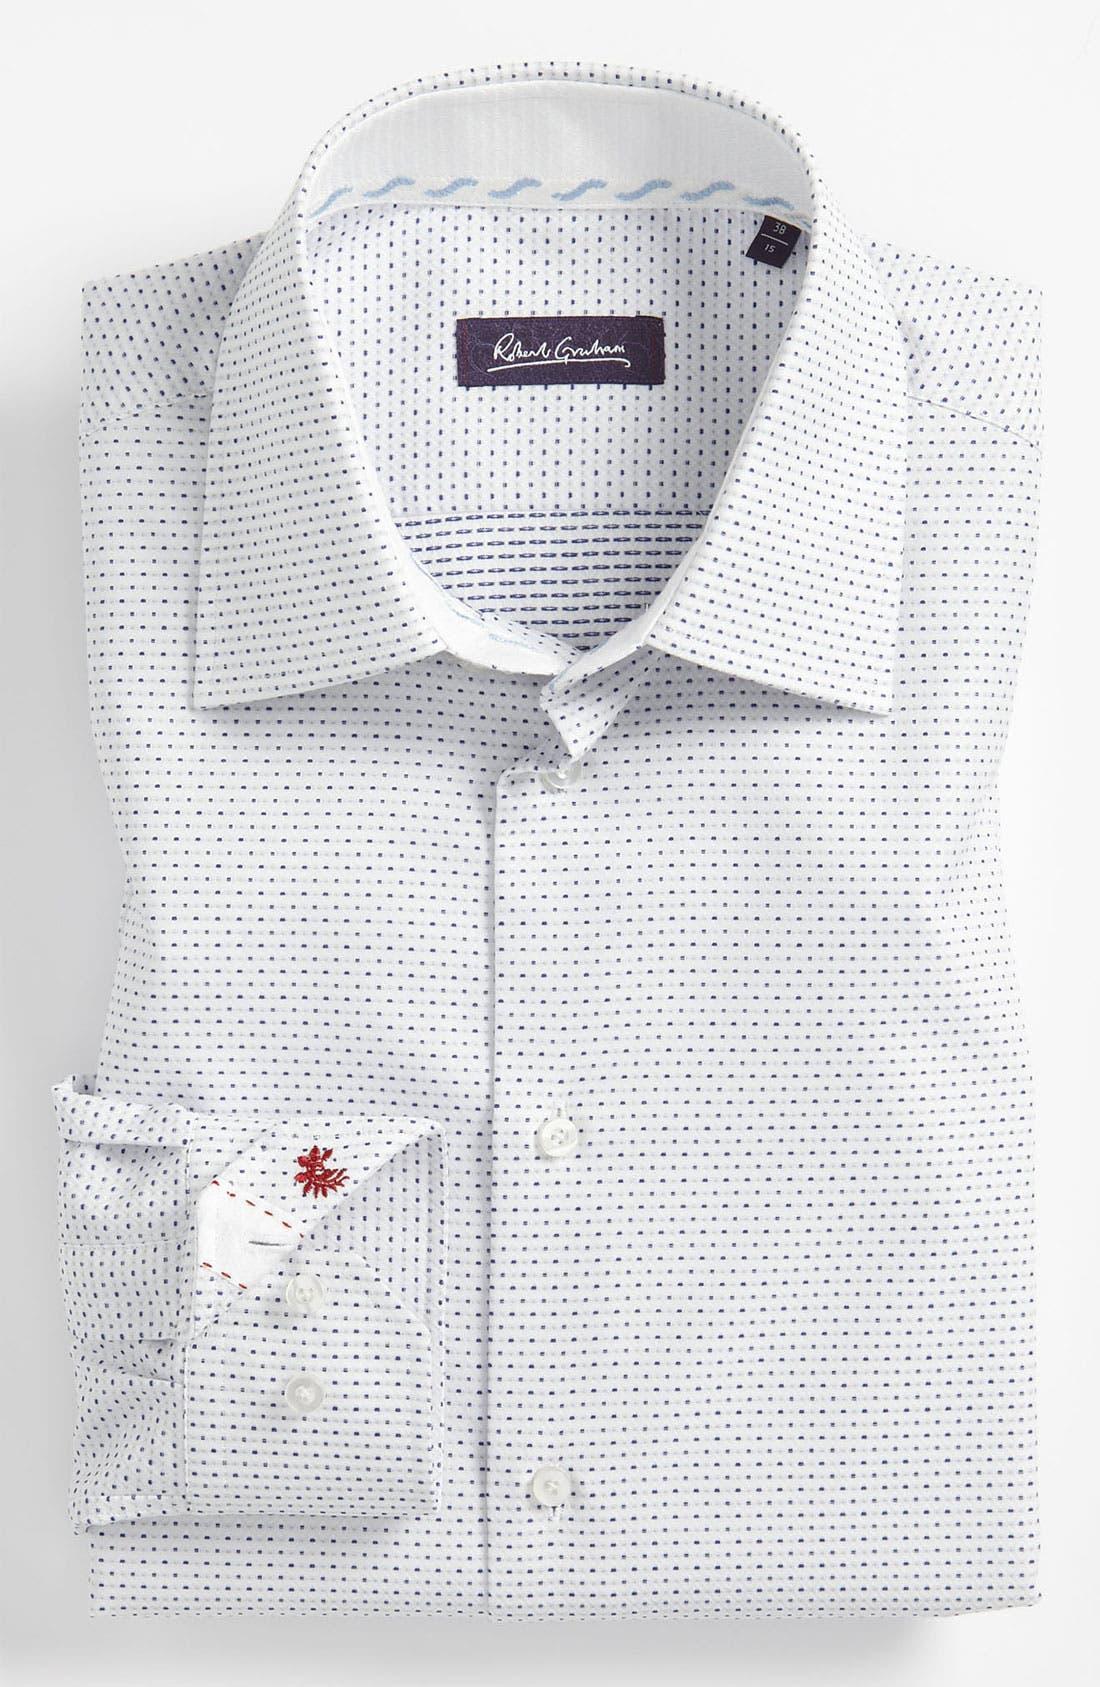 Alternate Image 1 Selected - Robert Graham Trim Fit Dress Shirt